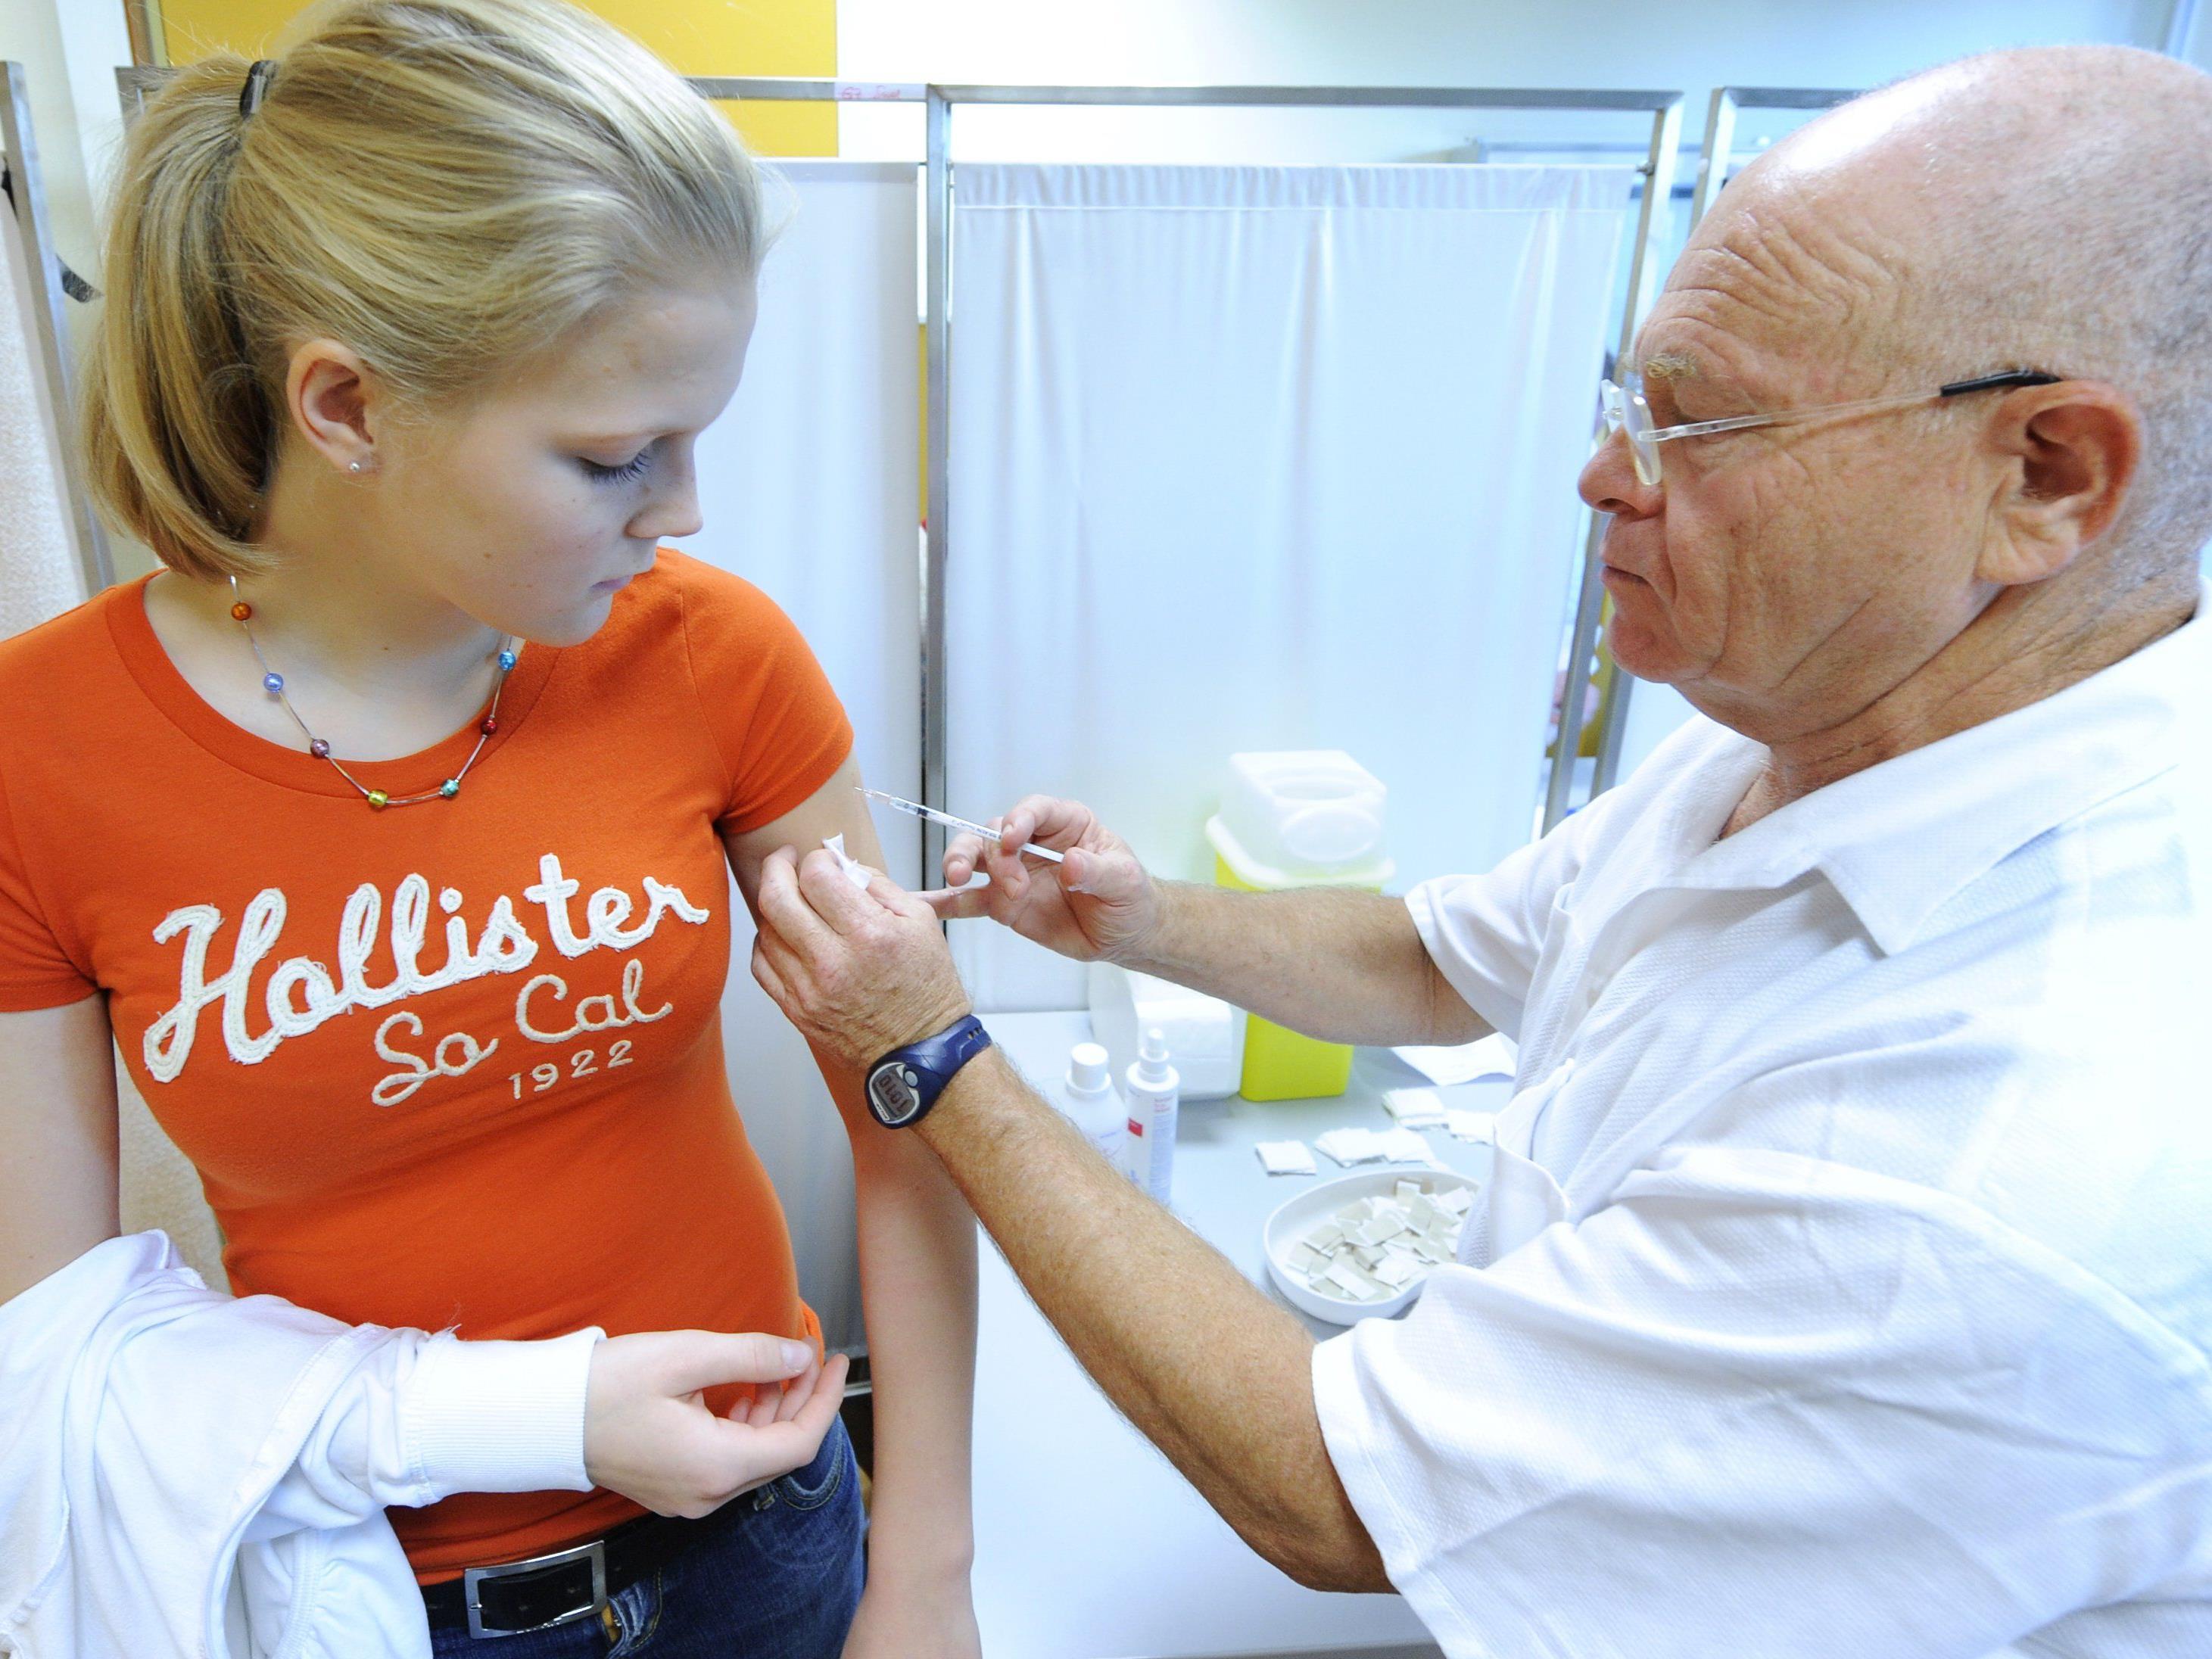 Spezial-Impfstelle an der MedUni Wien für Risikogruppen ab 22. Oktober.